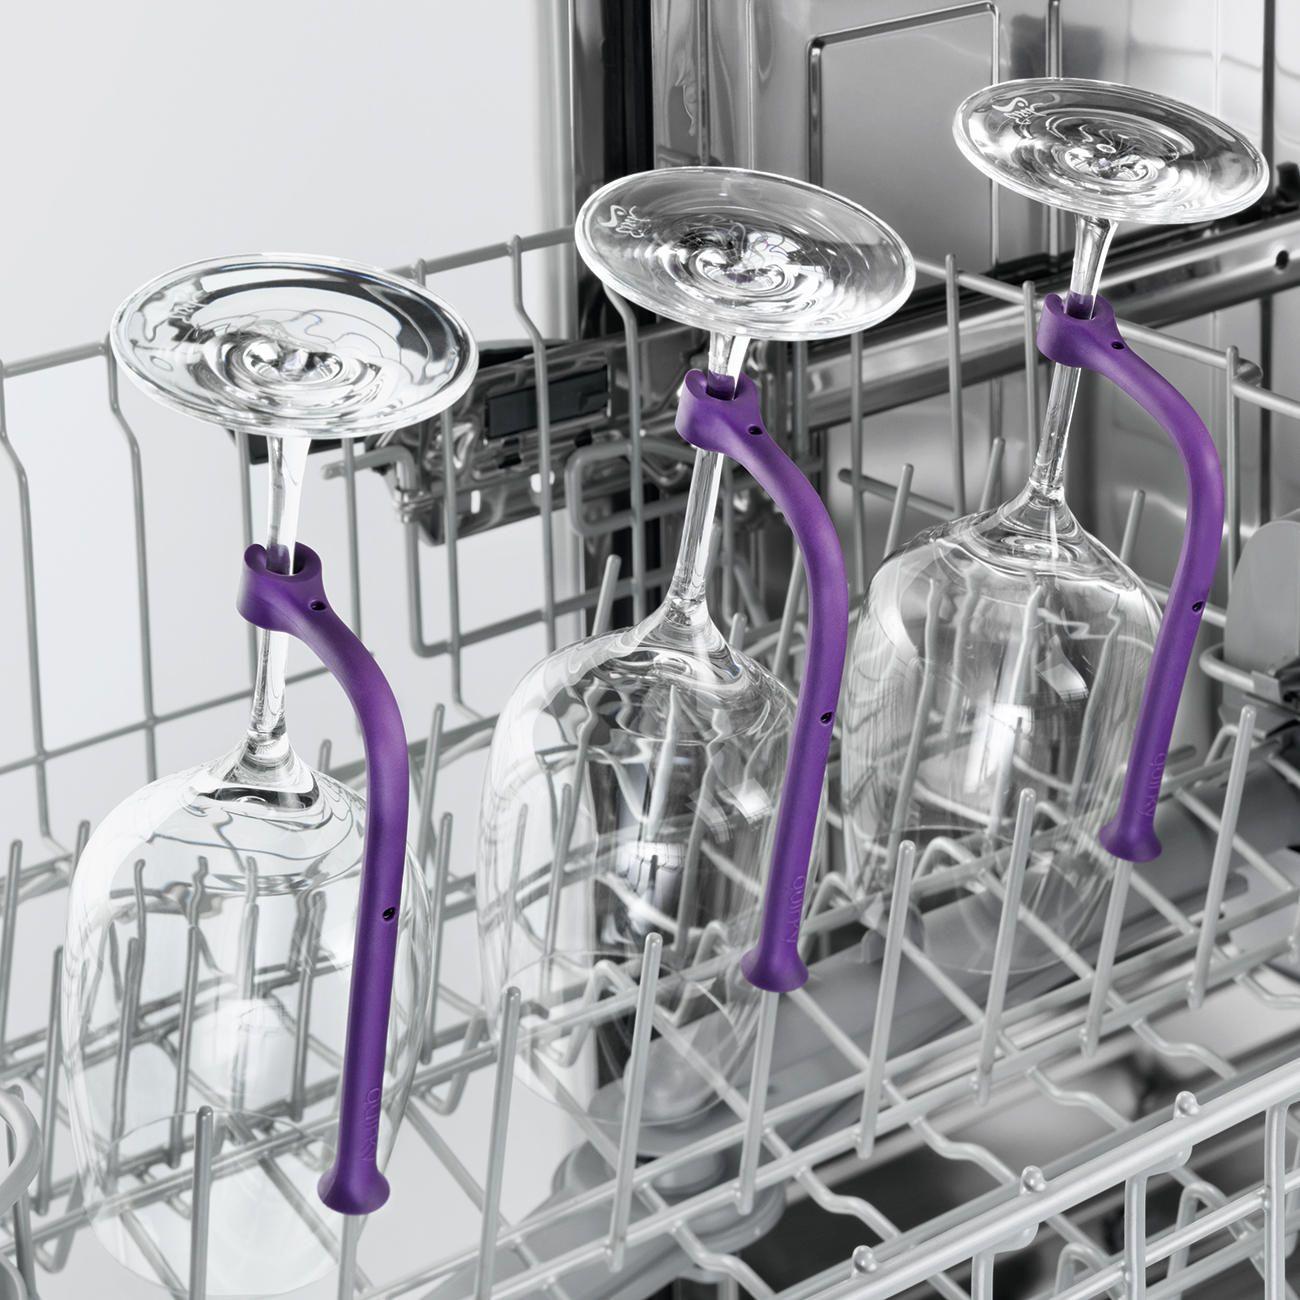 Gläserhalter für Geschirrspüler, 8er-Set Endlich können Sie auch viele langstielige Gläser gefahrlos im Geschirrspüler reinigen. € 29,95